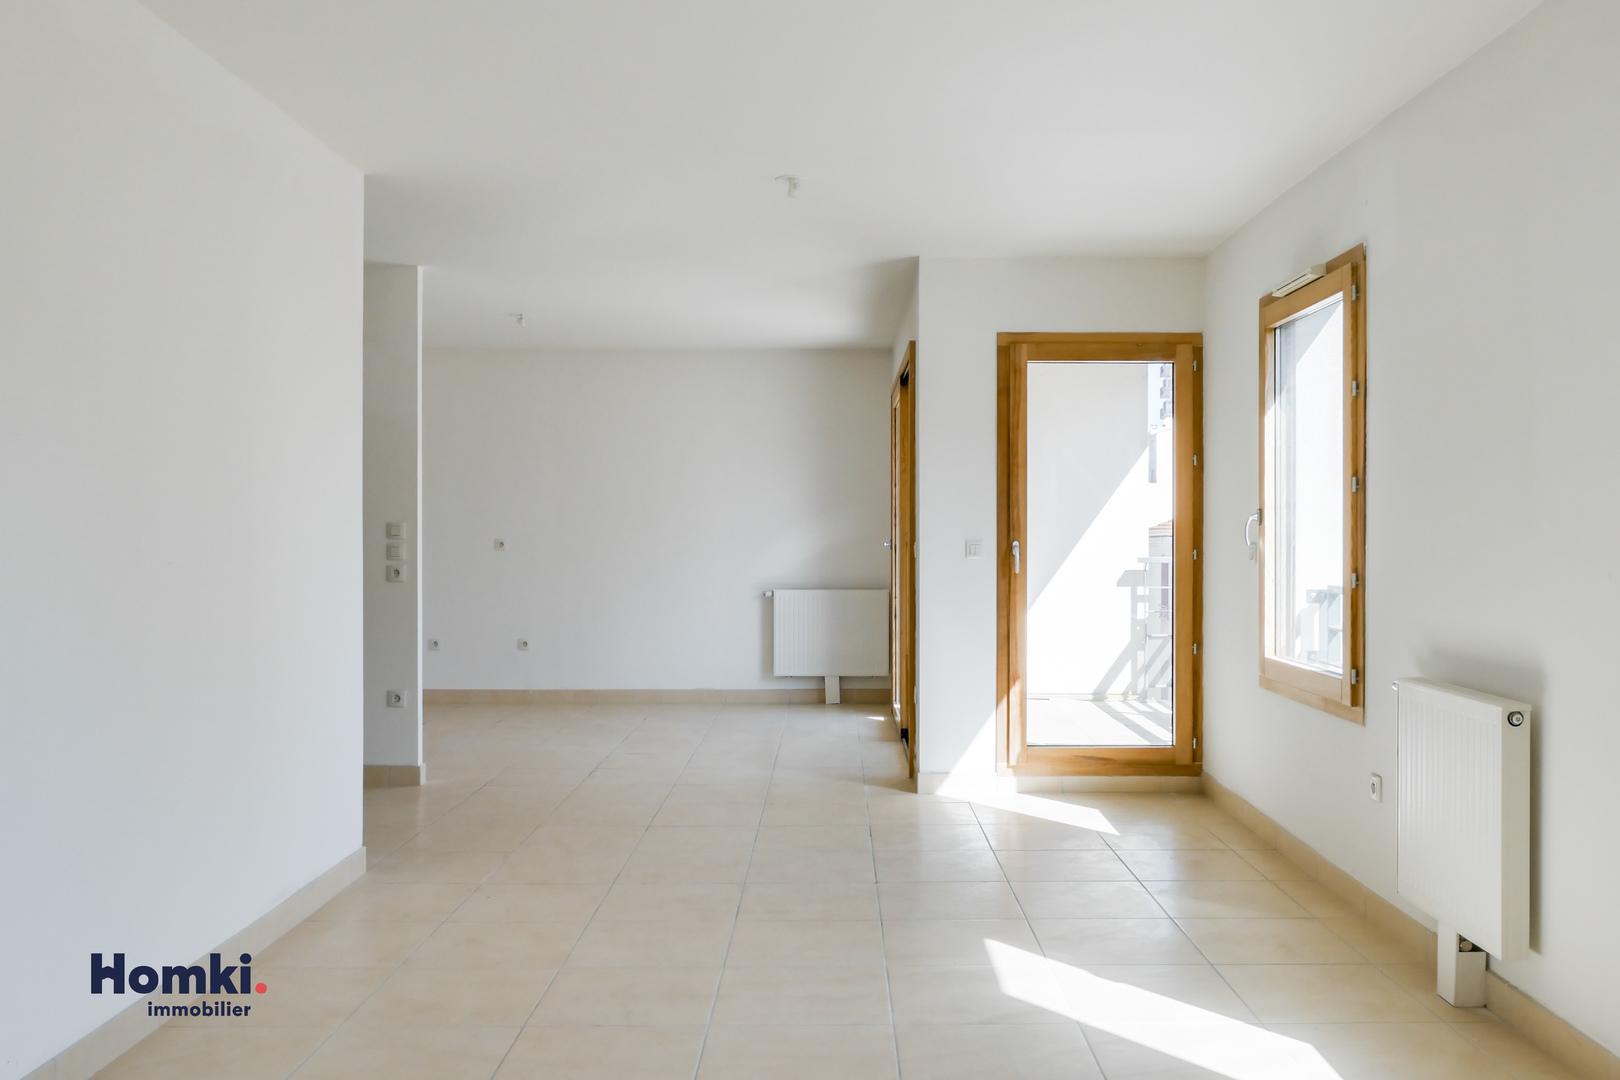 Vente appartement 87m² T3 42100_2